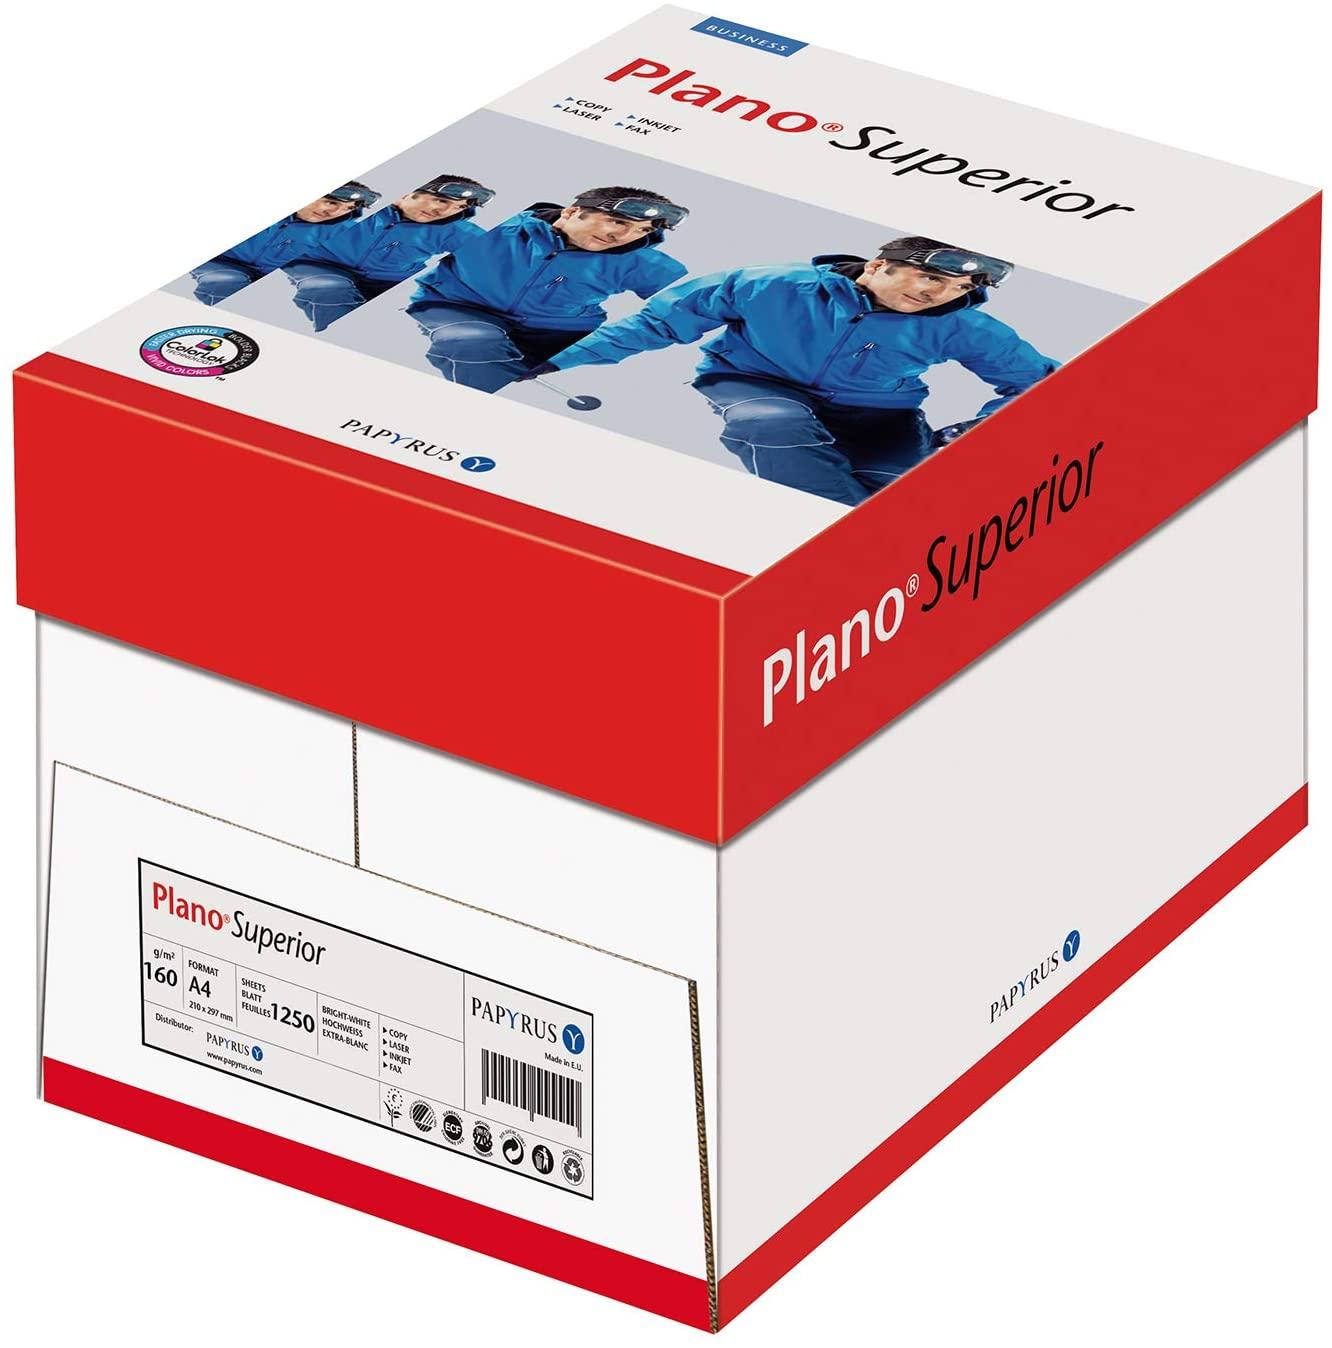 Papyrus PlanoSuperior A4 kopiëerpapier 160gr/m2 5x250 vellen voor €9,05 bij Amazon.nl